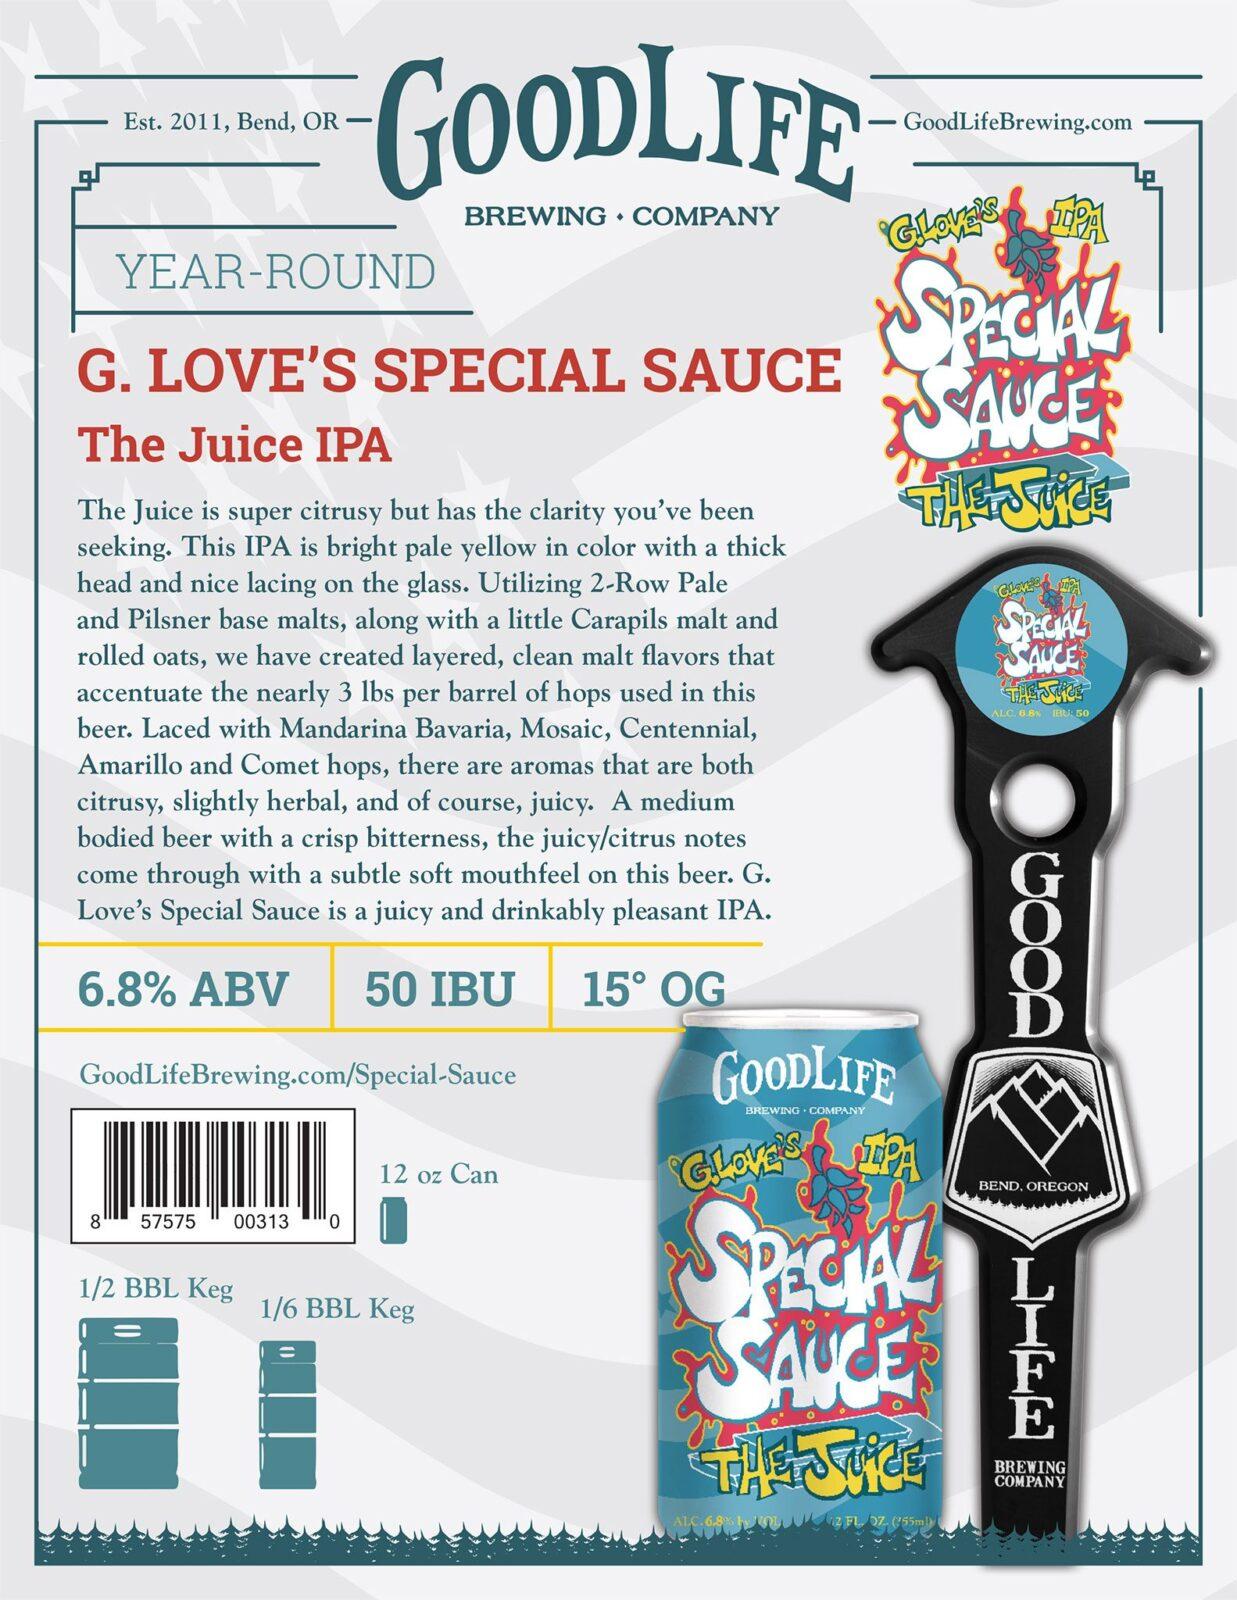 G. Love's Special Sauce beer